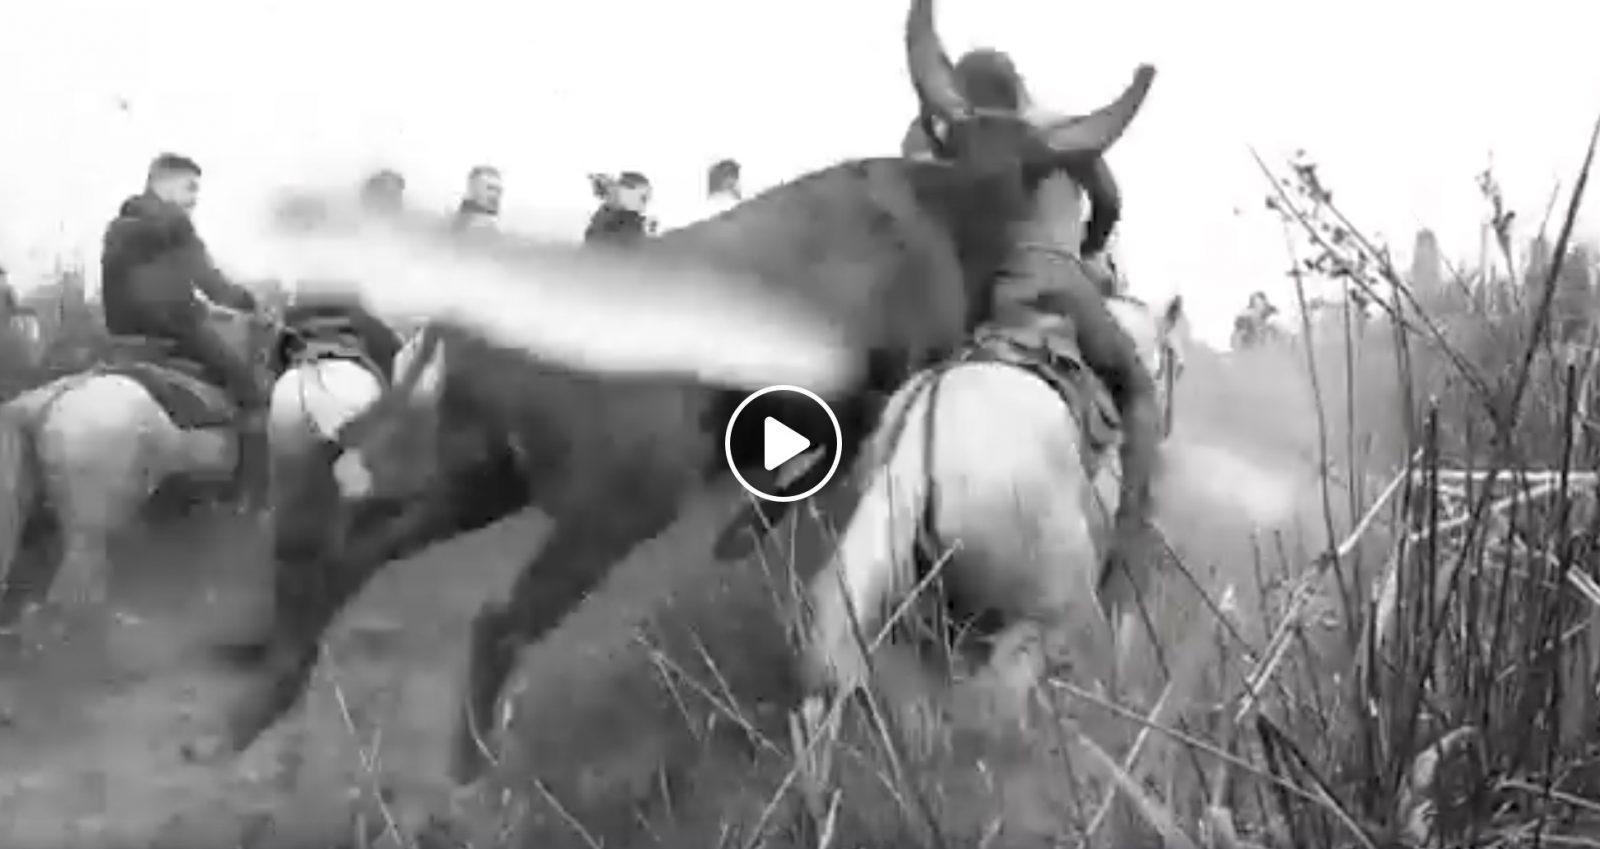 VIDEO DU NET // Le saut du taureau dans les près d'Aigues Mortes